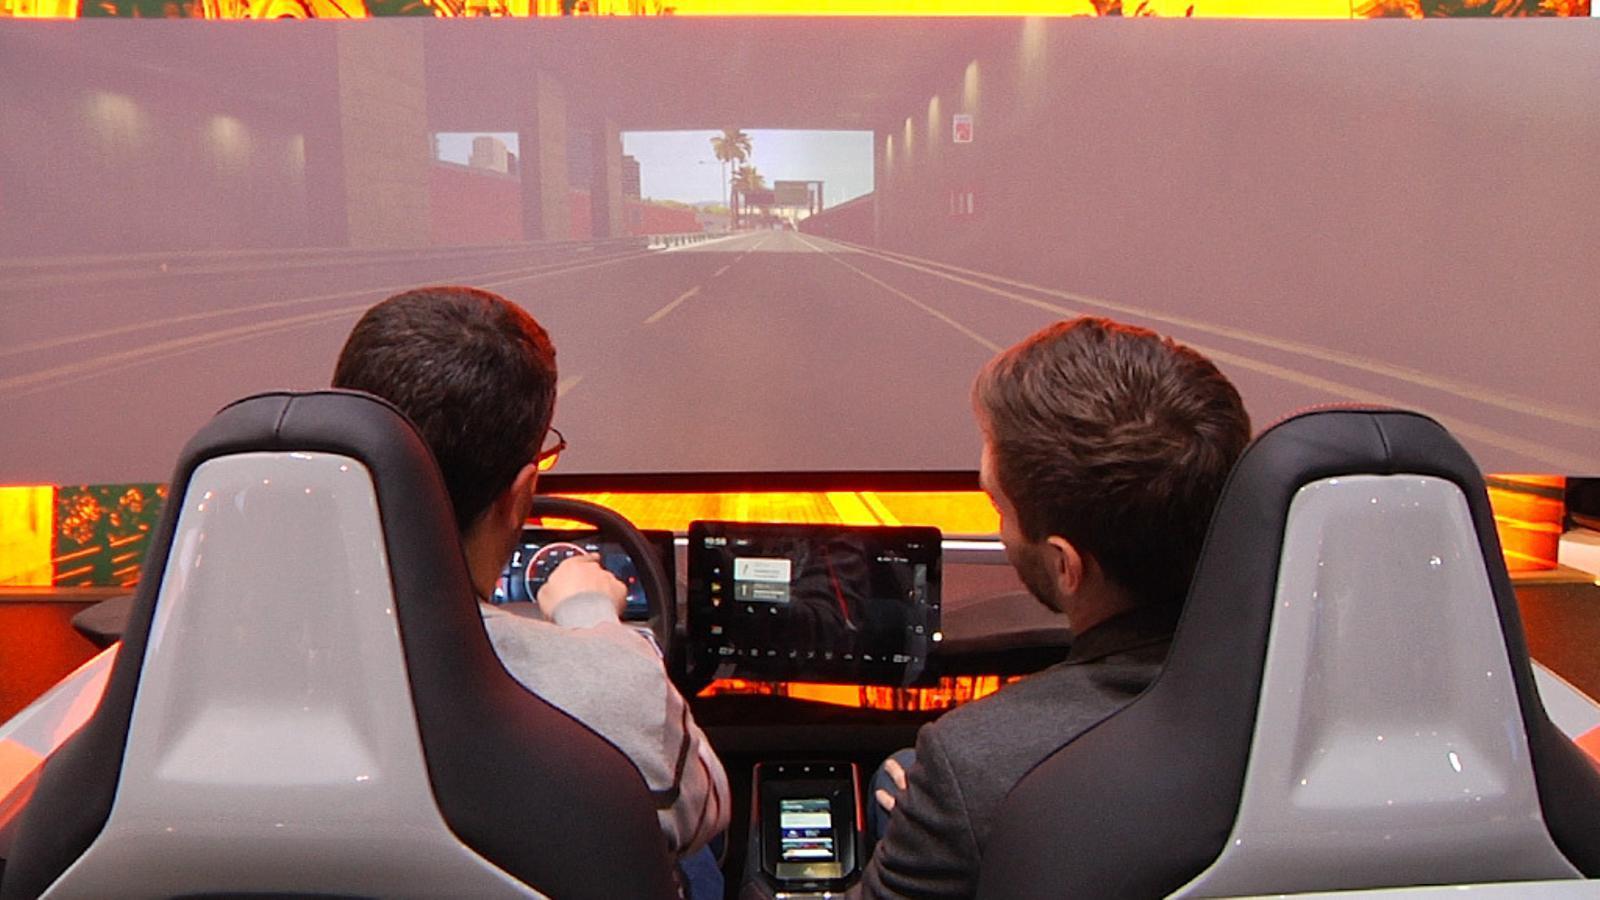 Des d'incorporar el Shazam a conduir-se sol: com serà el cotxe del futur?